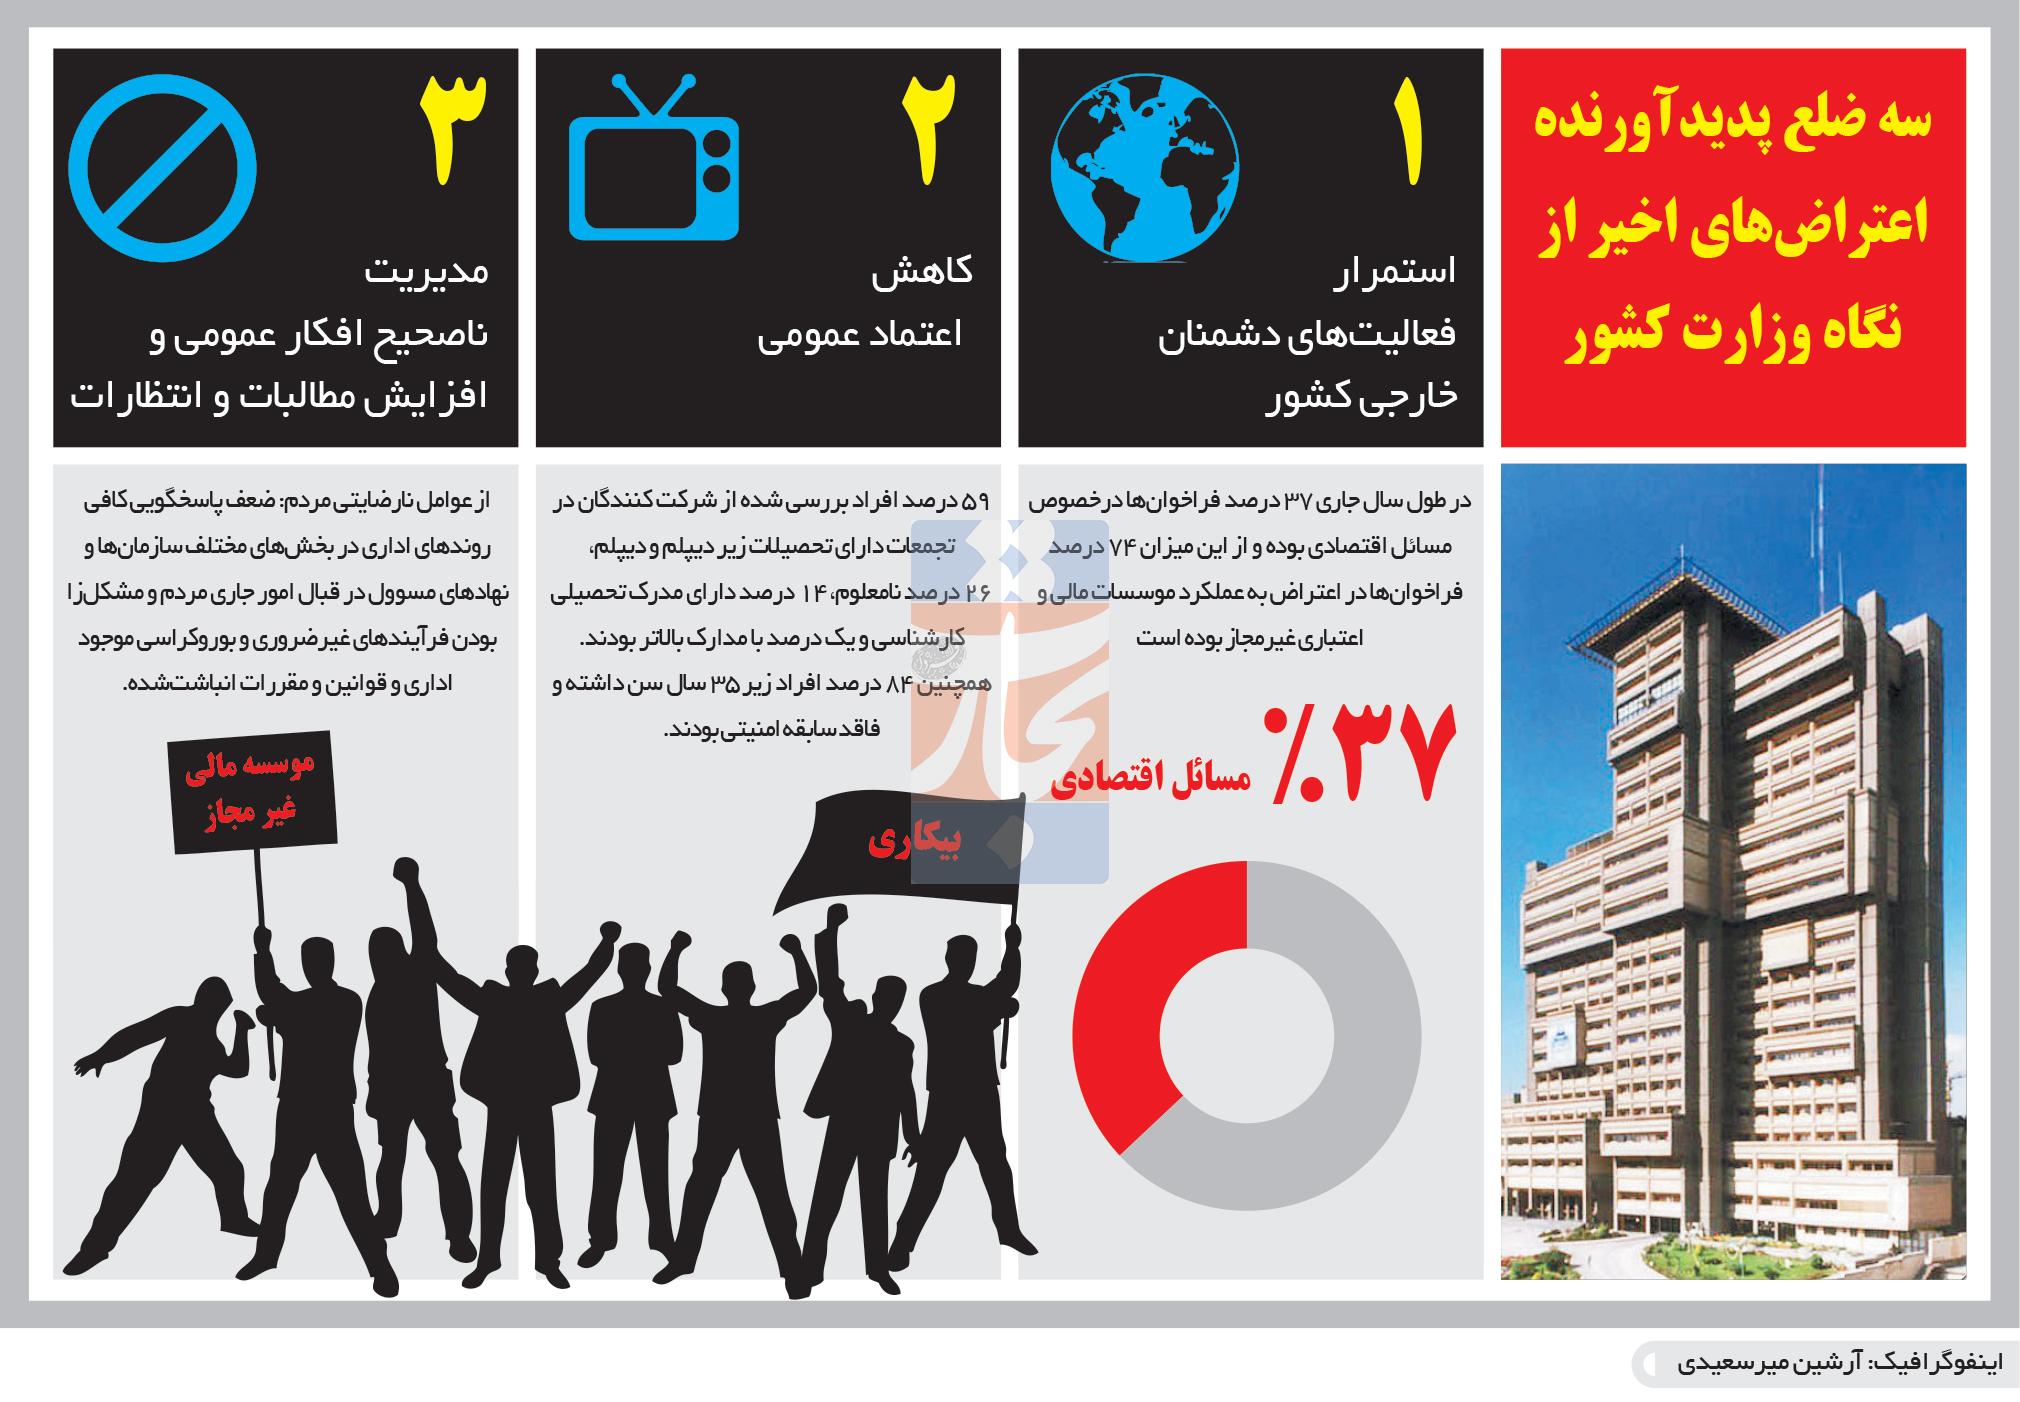 تجارت- فردا- سه ضلع پدیدآورنده اعتراضهای اخیر از نگاه وزارت کشور(اینفوگرافیک)